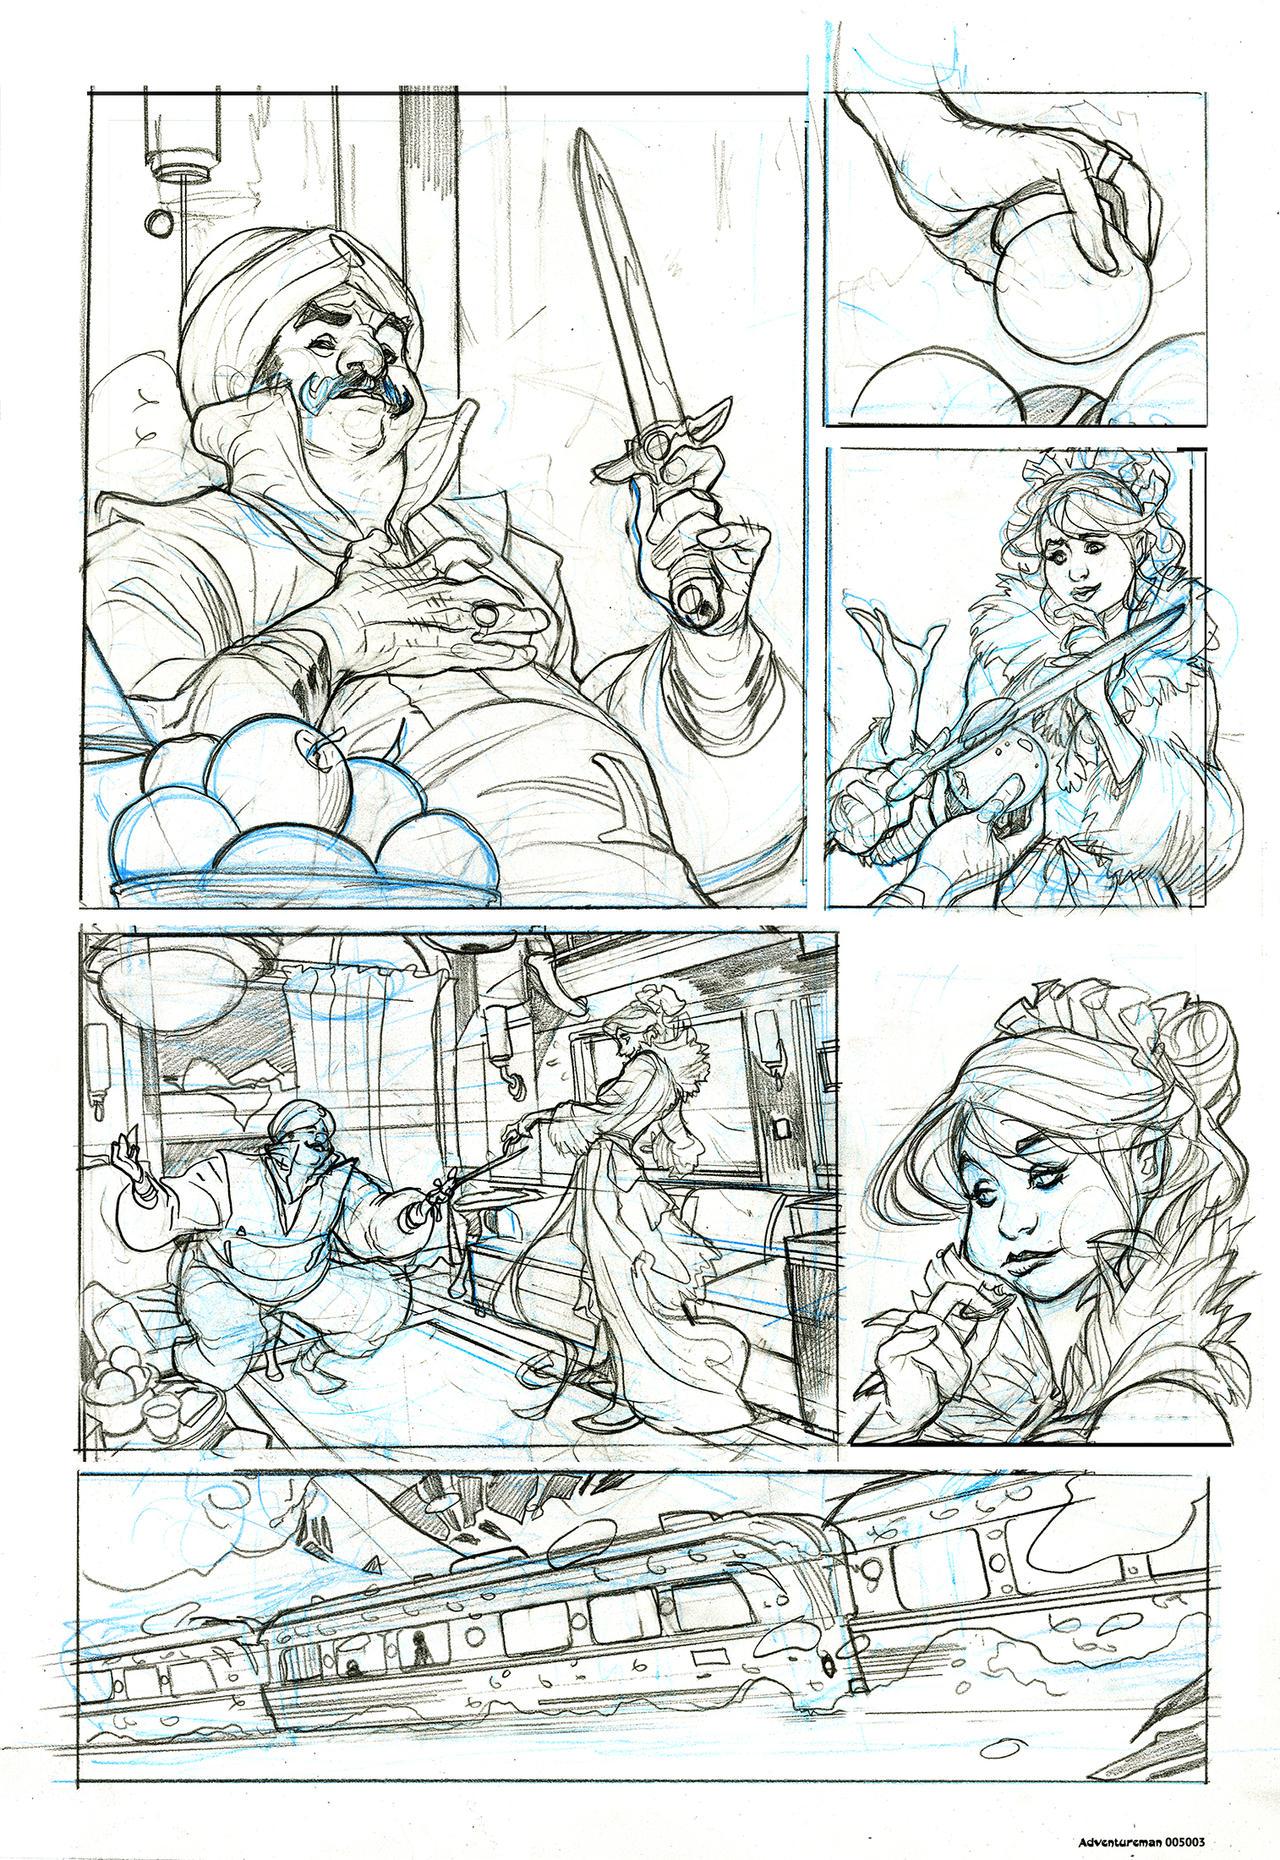 ADVENTUREMAN 5 Page 3 pencils